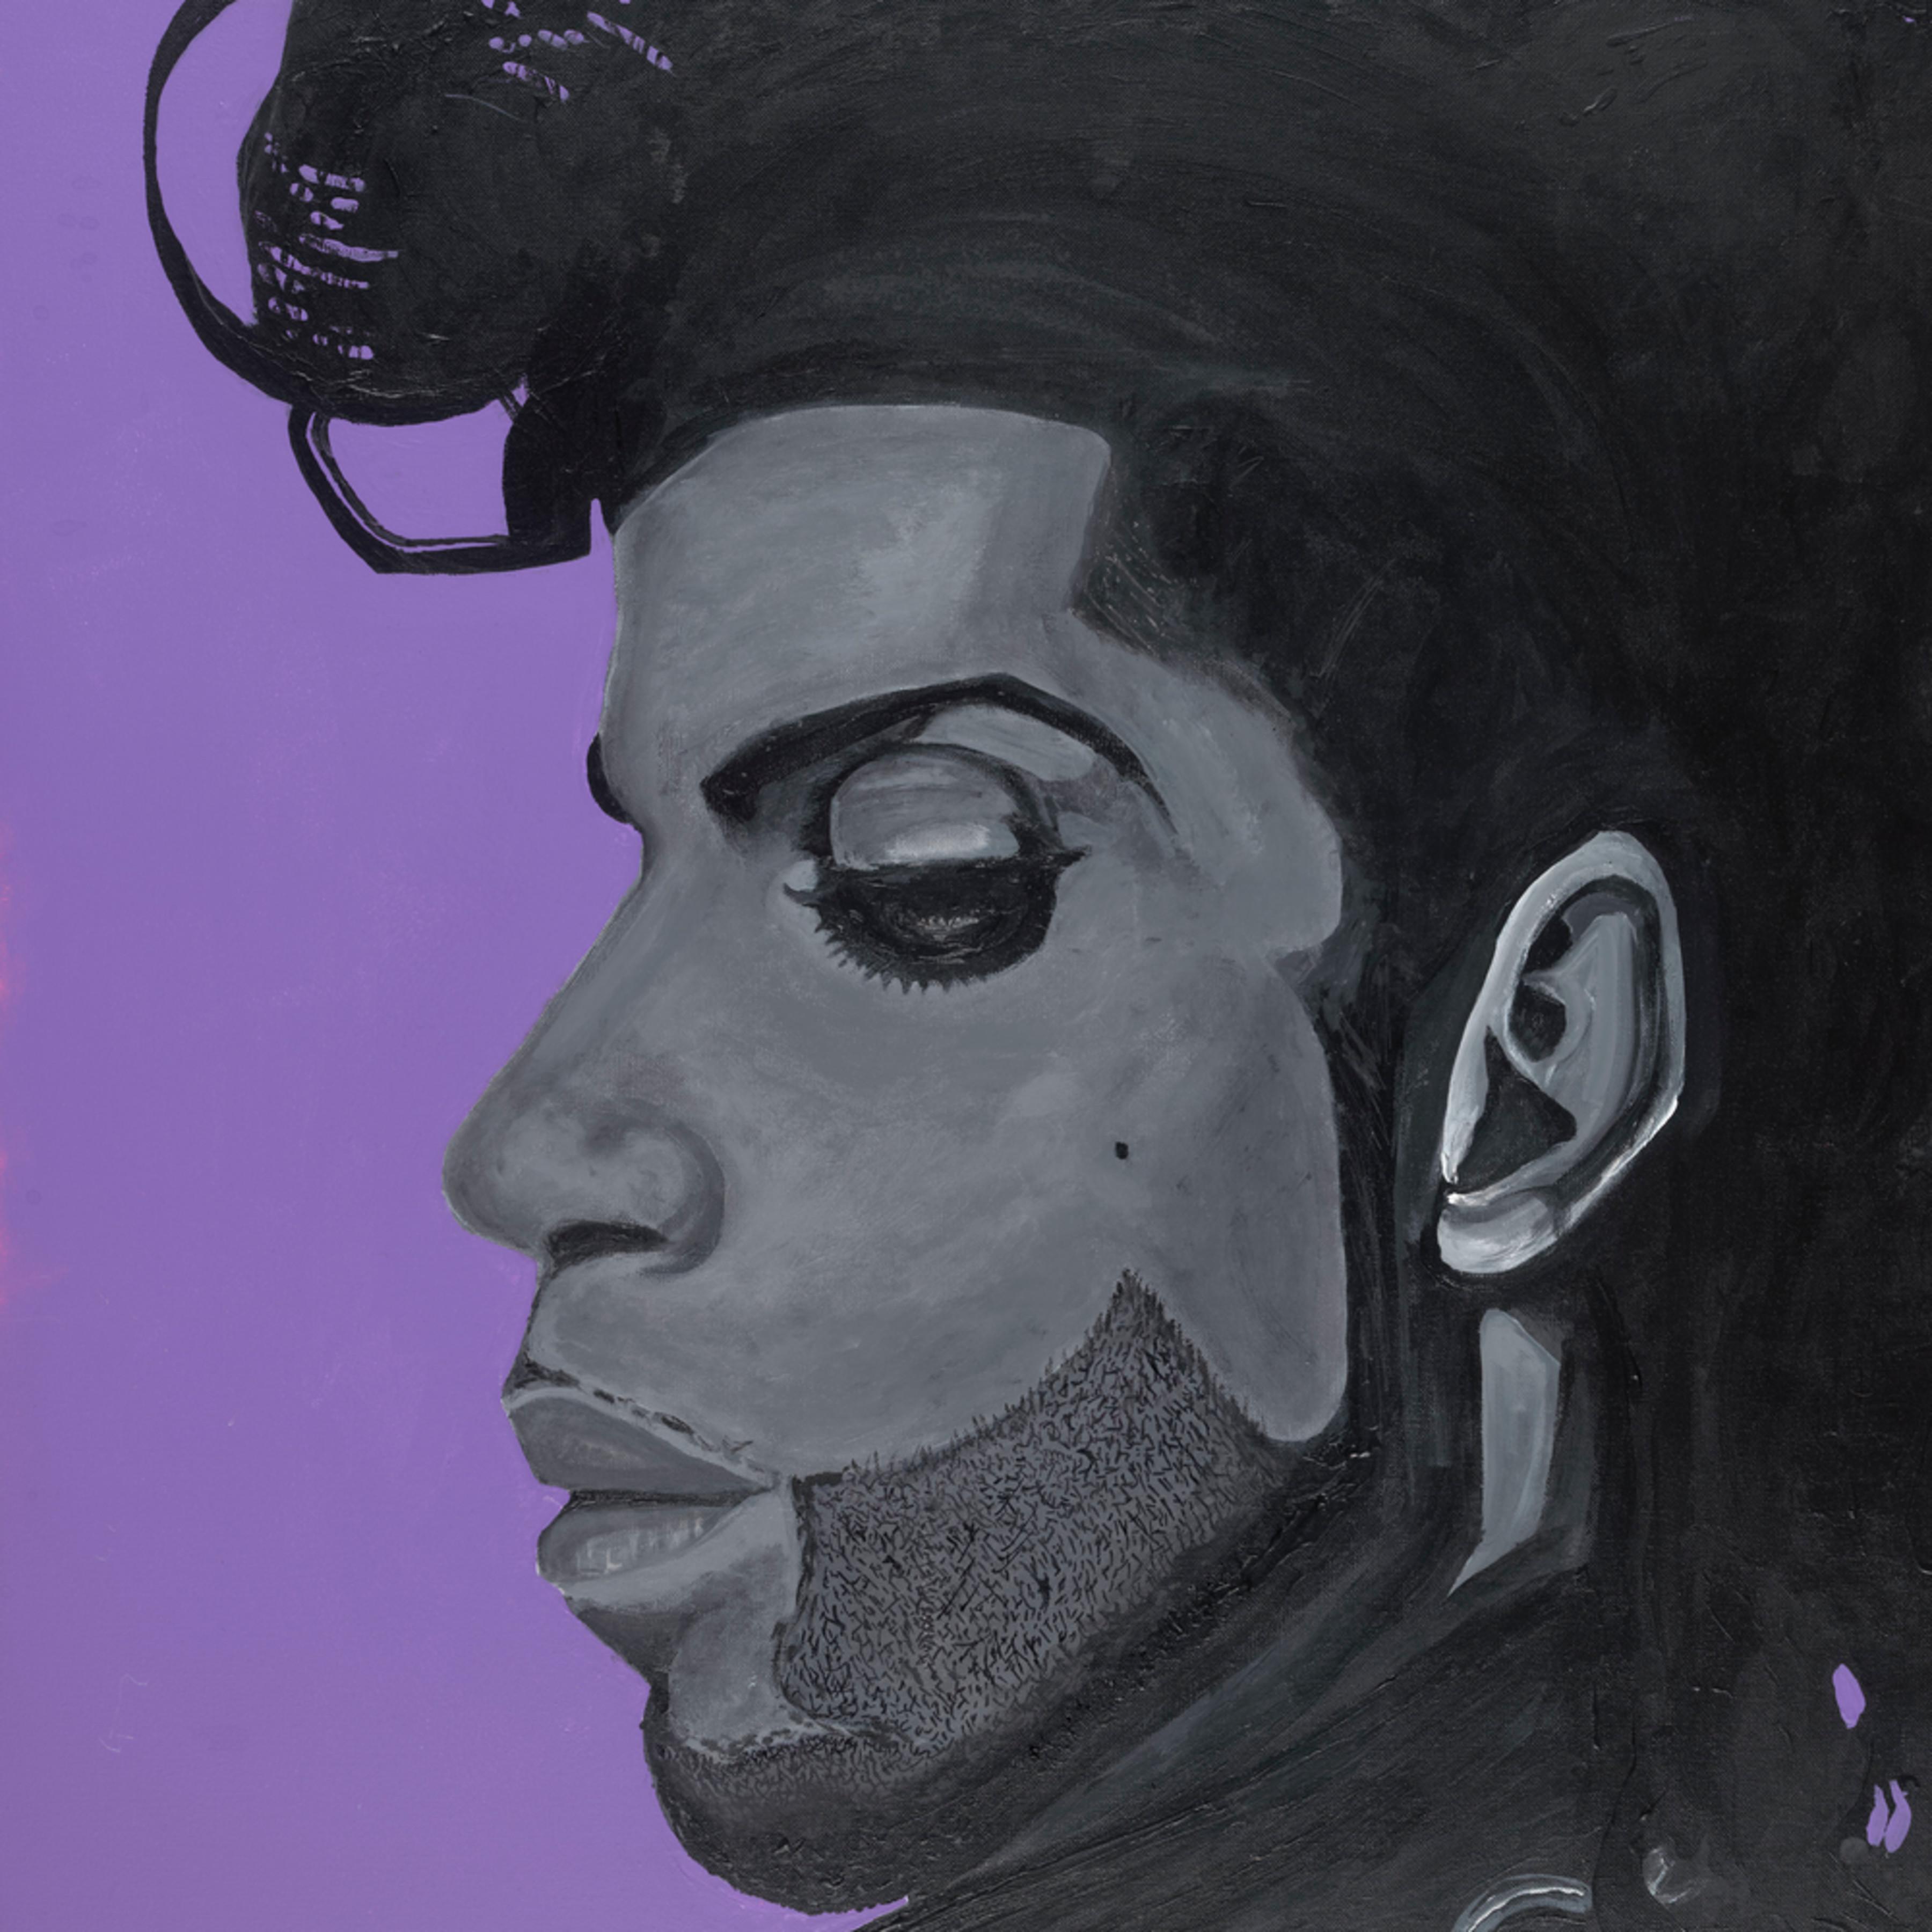 Prince v2ddlp